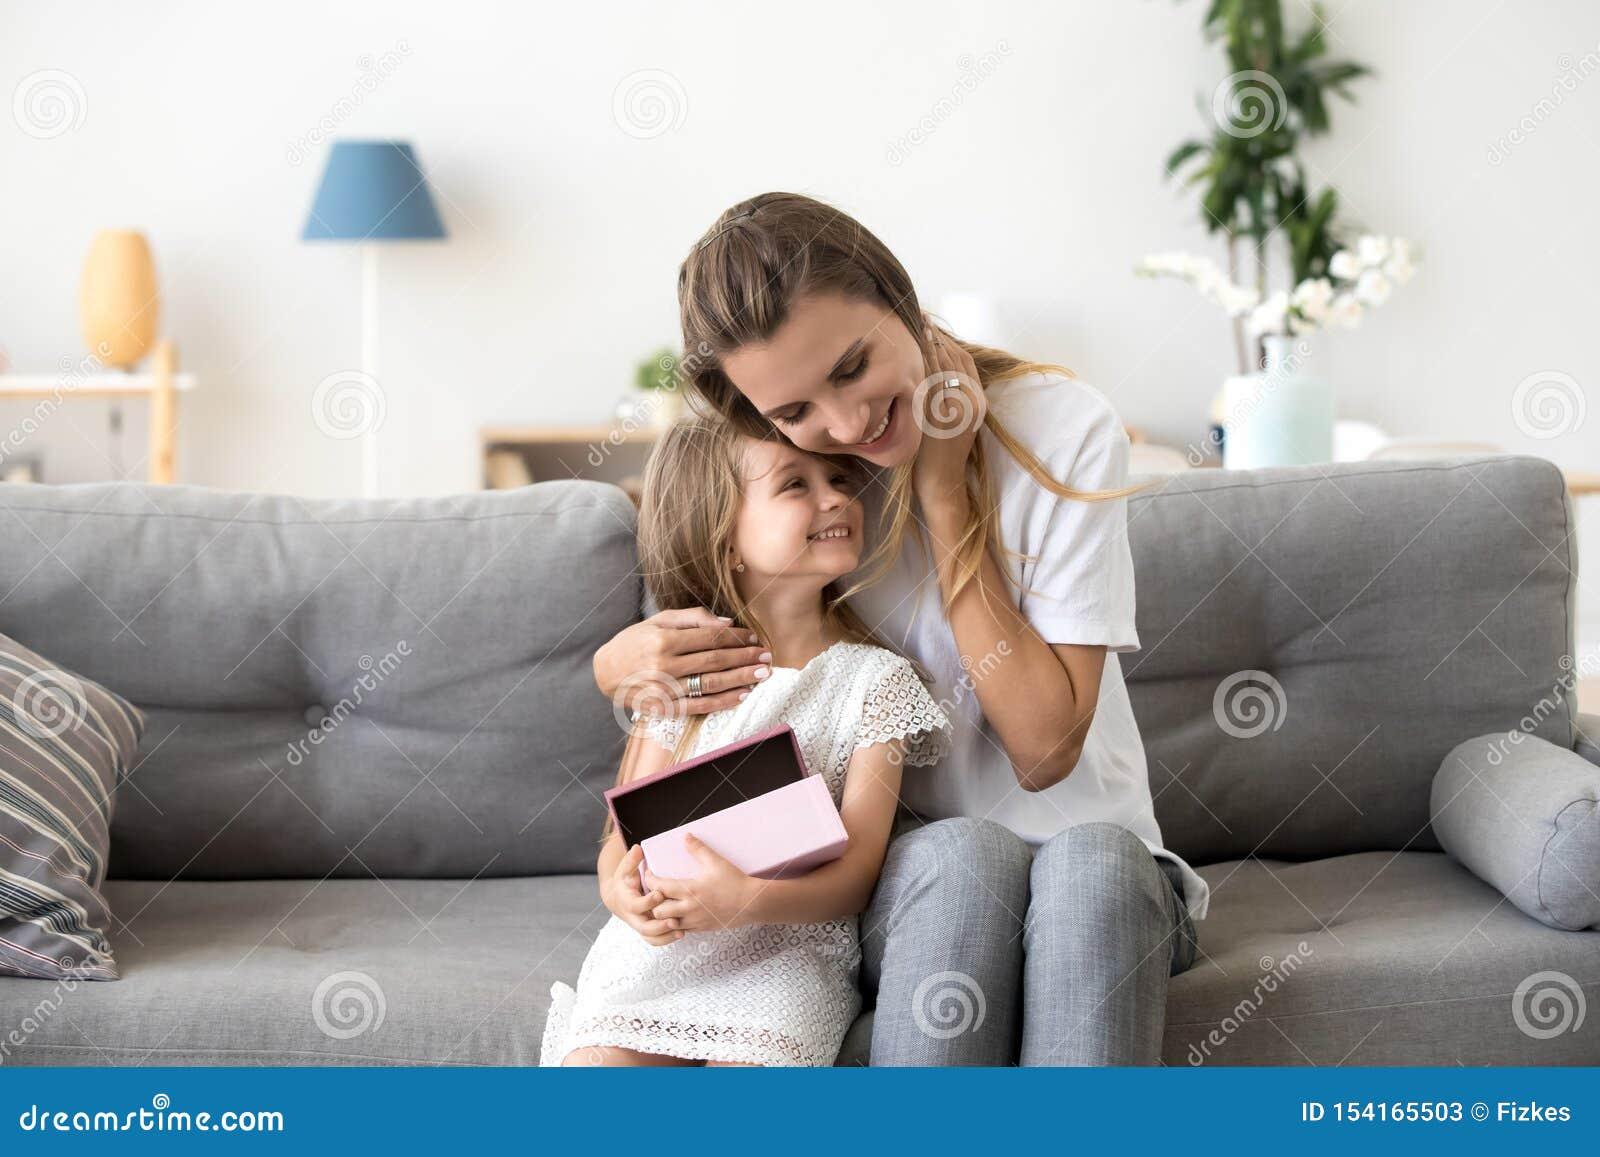 Kochającego macierzystego przytulenia mała córka siedzi wpólnie na kanapie